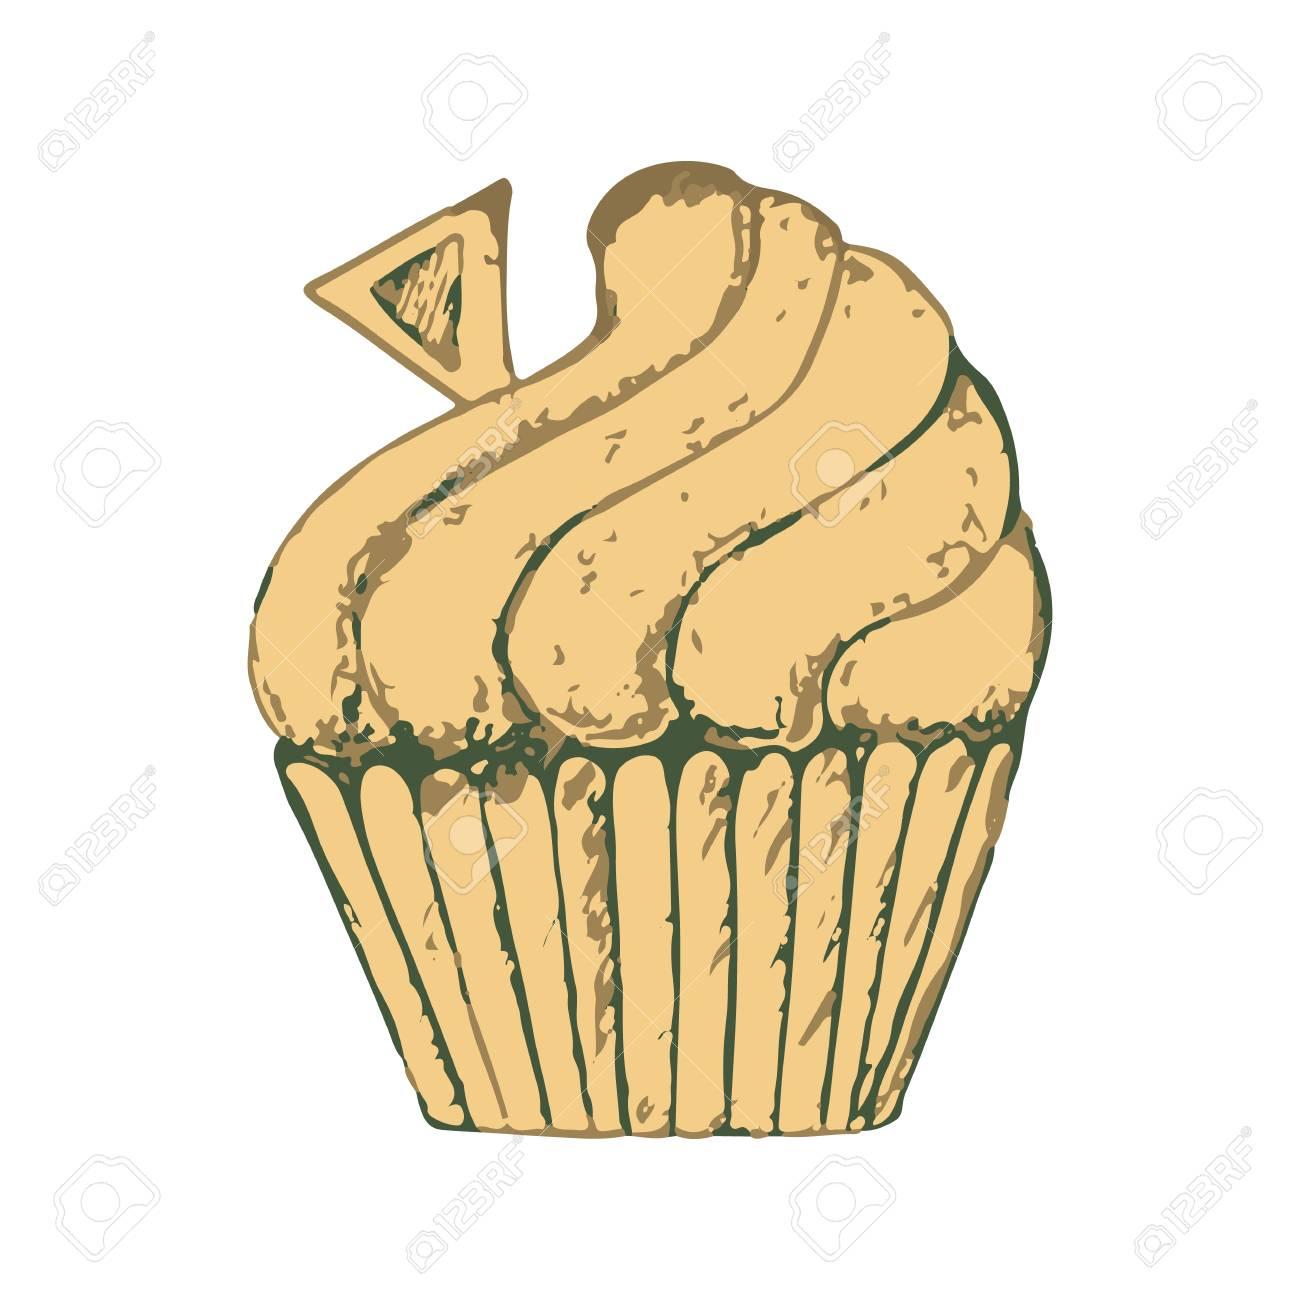 Skizzieren Sie Einen Kostlichen Kuchen Susses Clipart Mit Einer